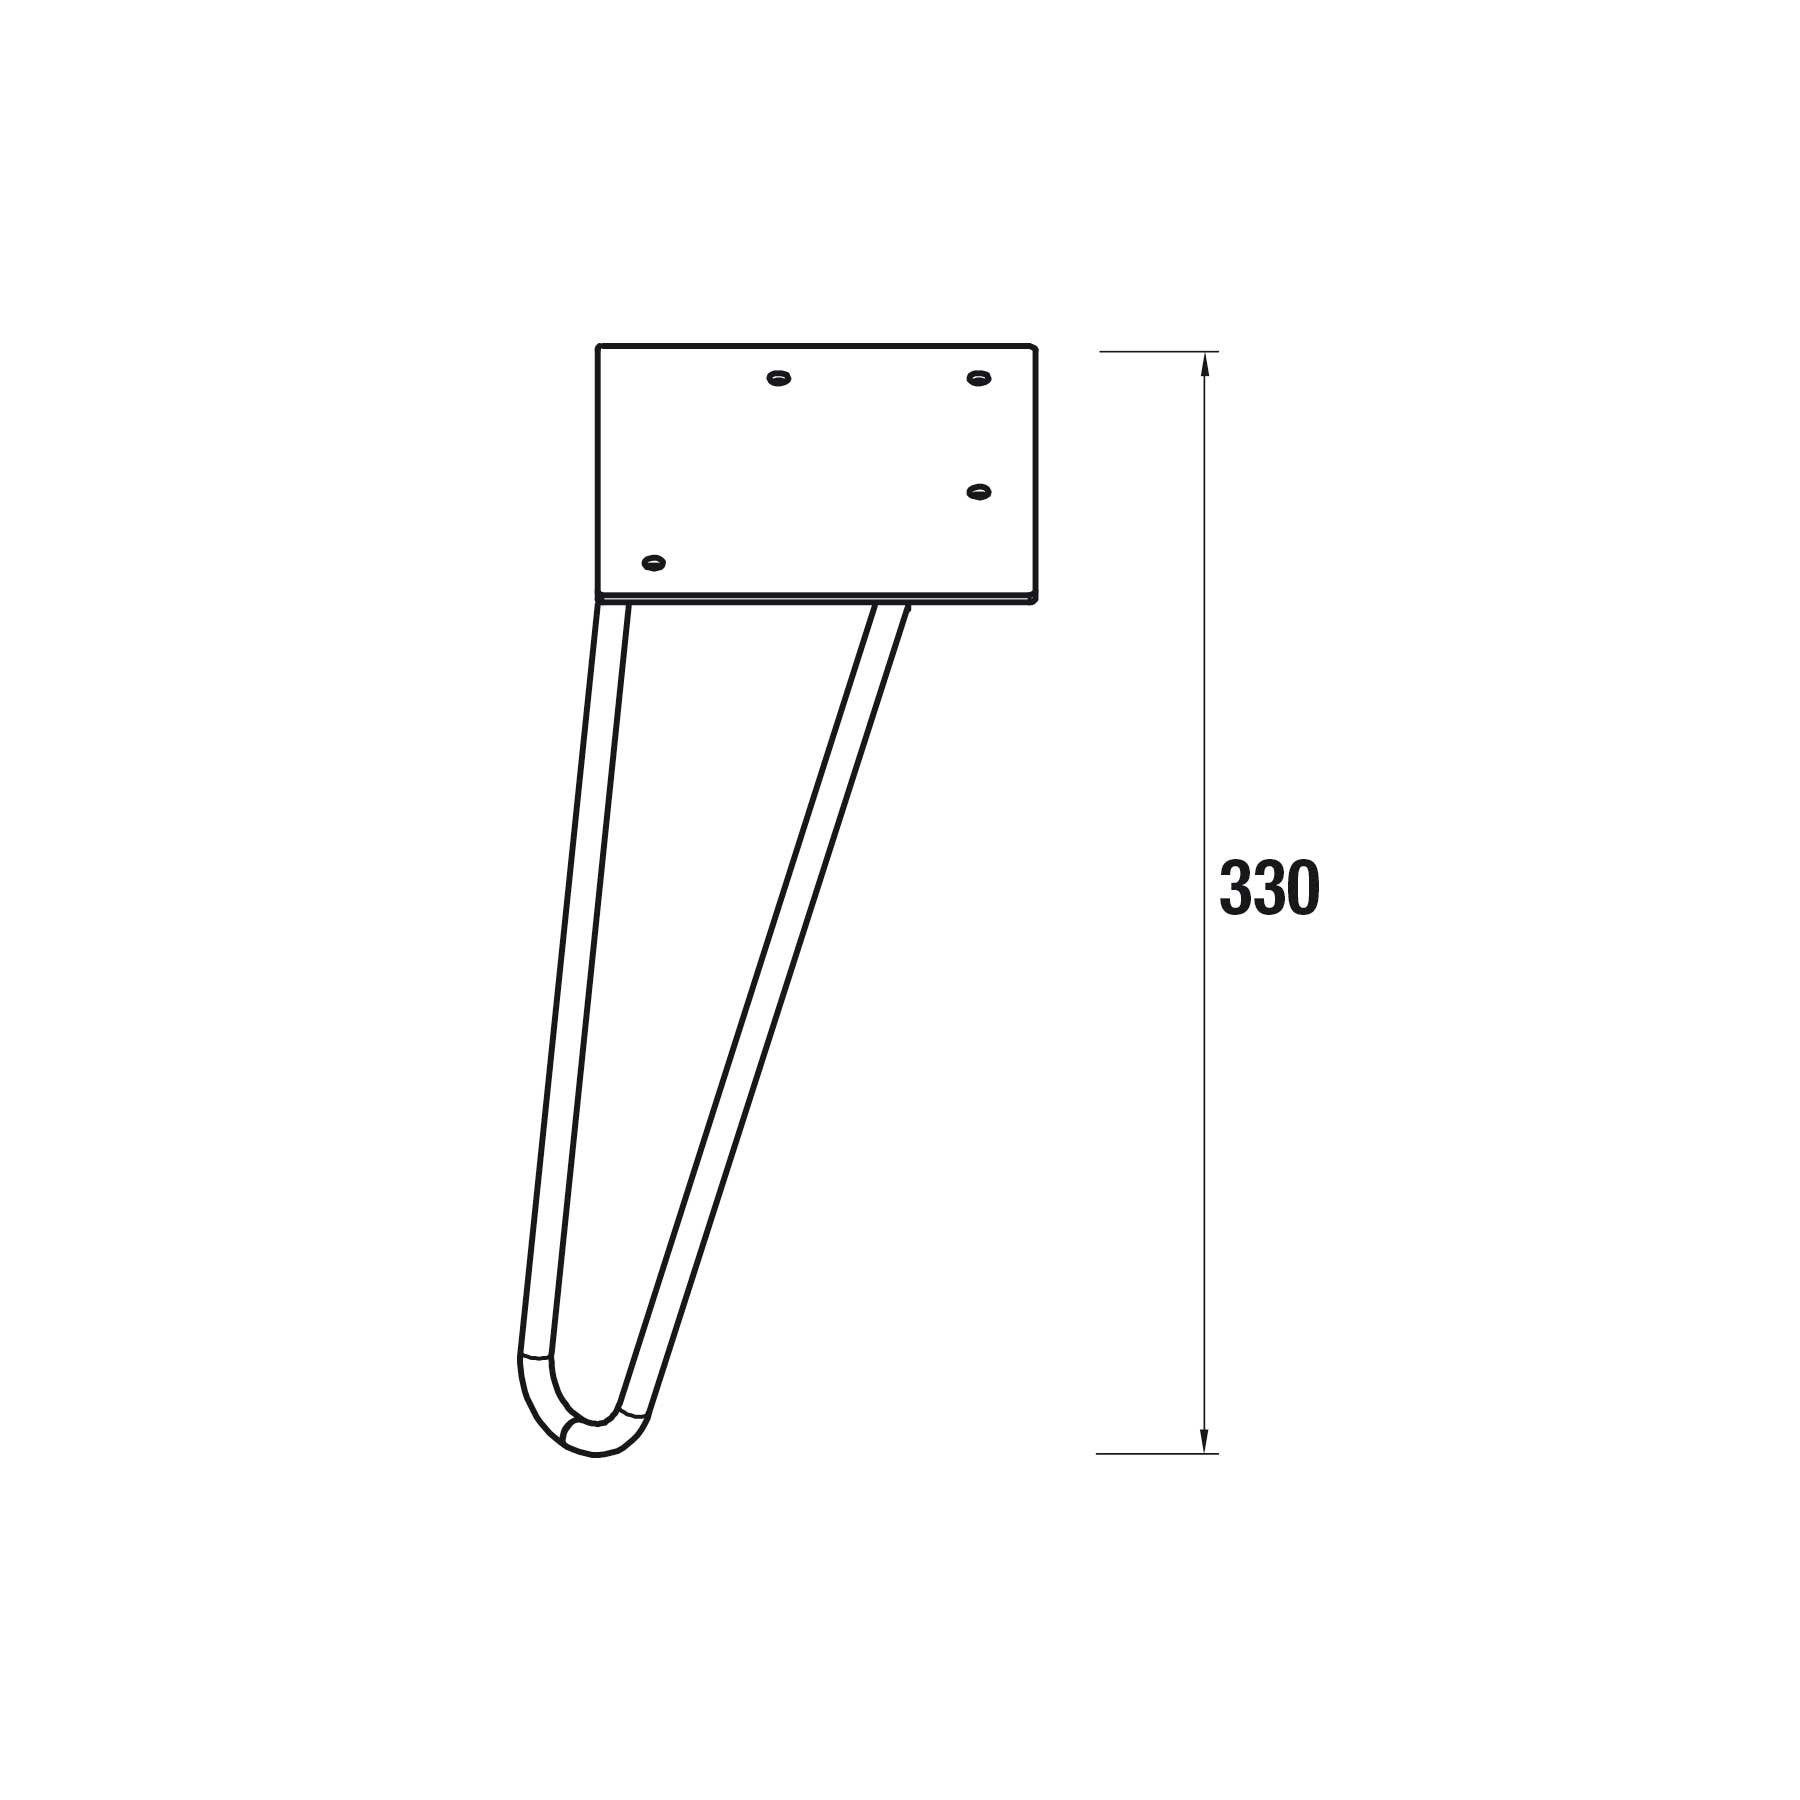 Jeu de 2 pieds Uniiq 33 cm Noir - SALGAR Réf. 24714